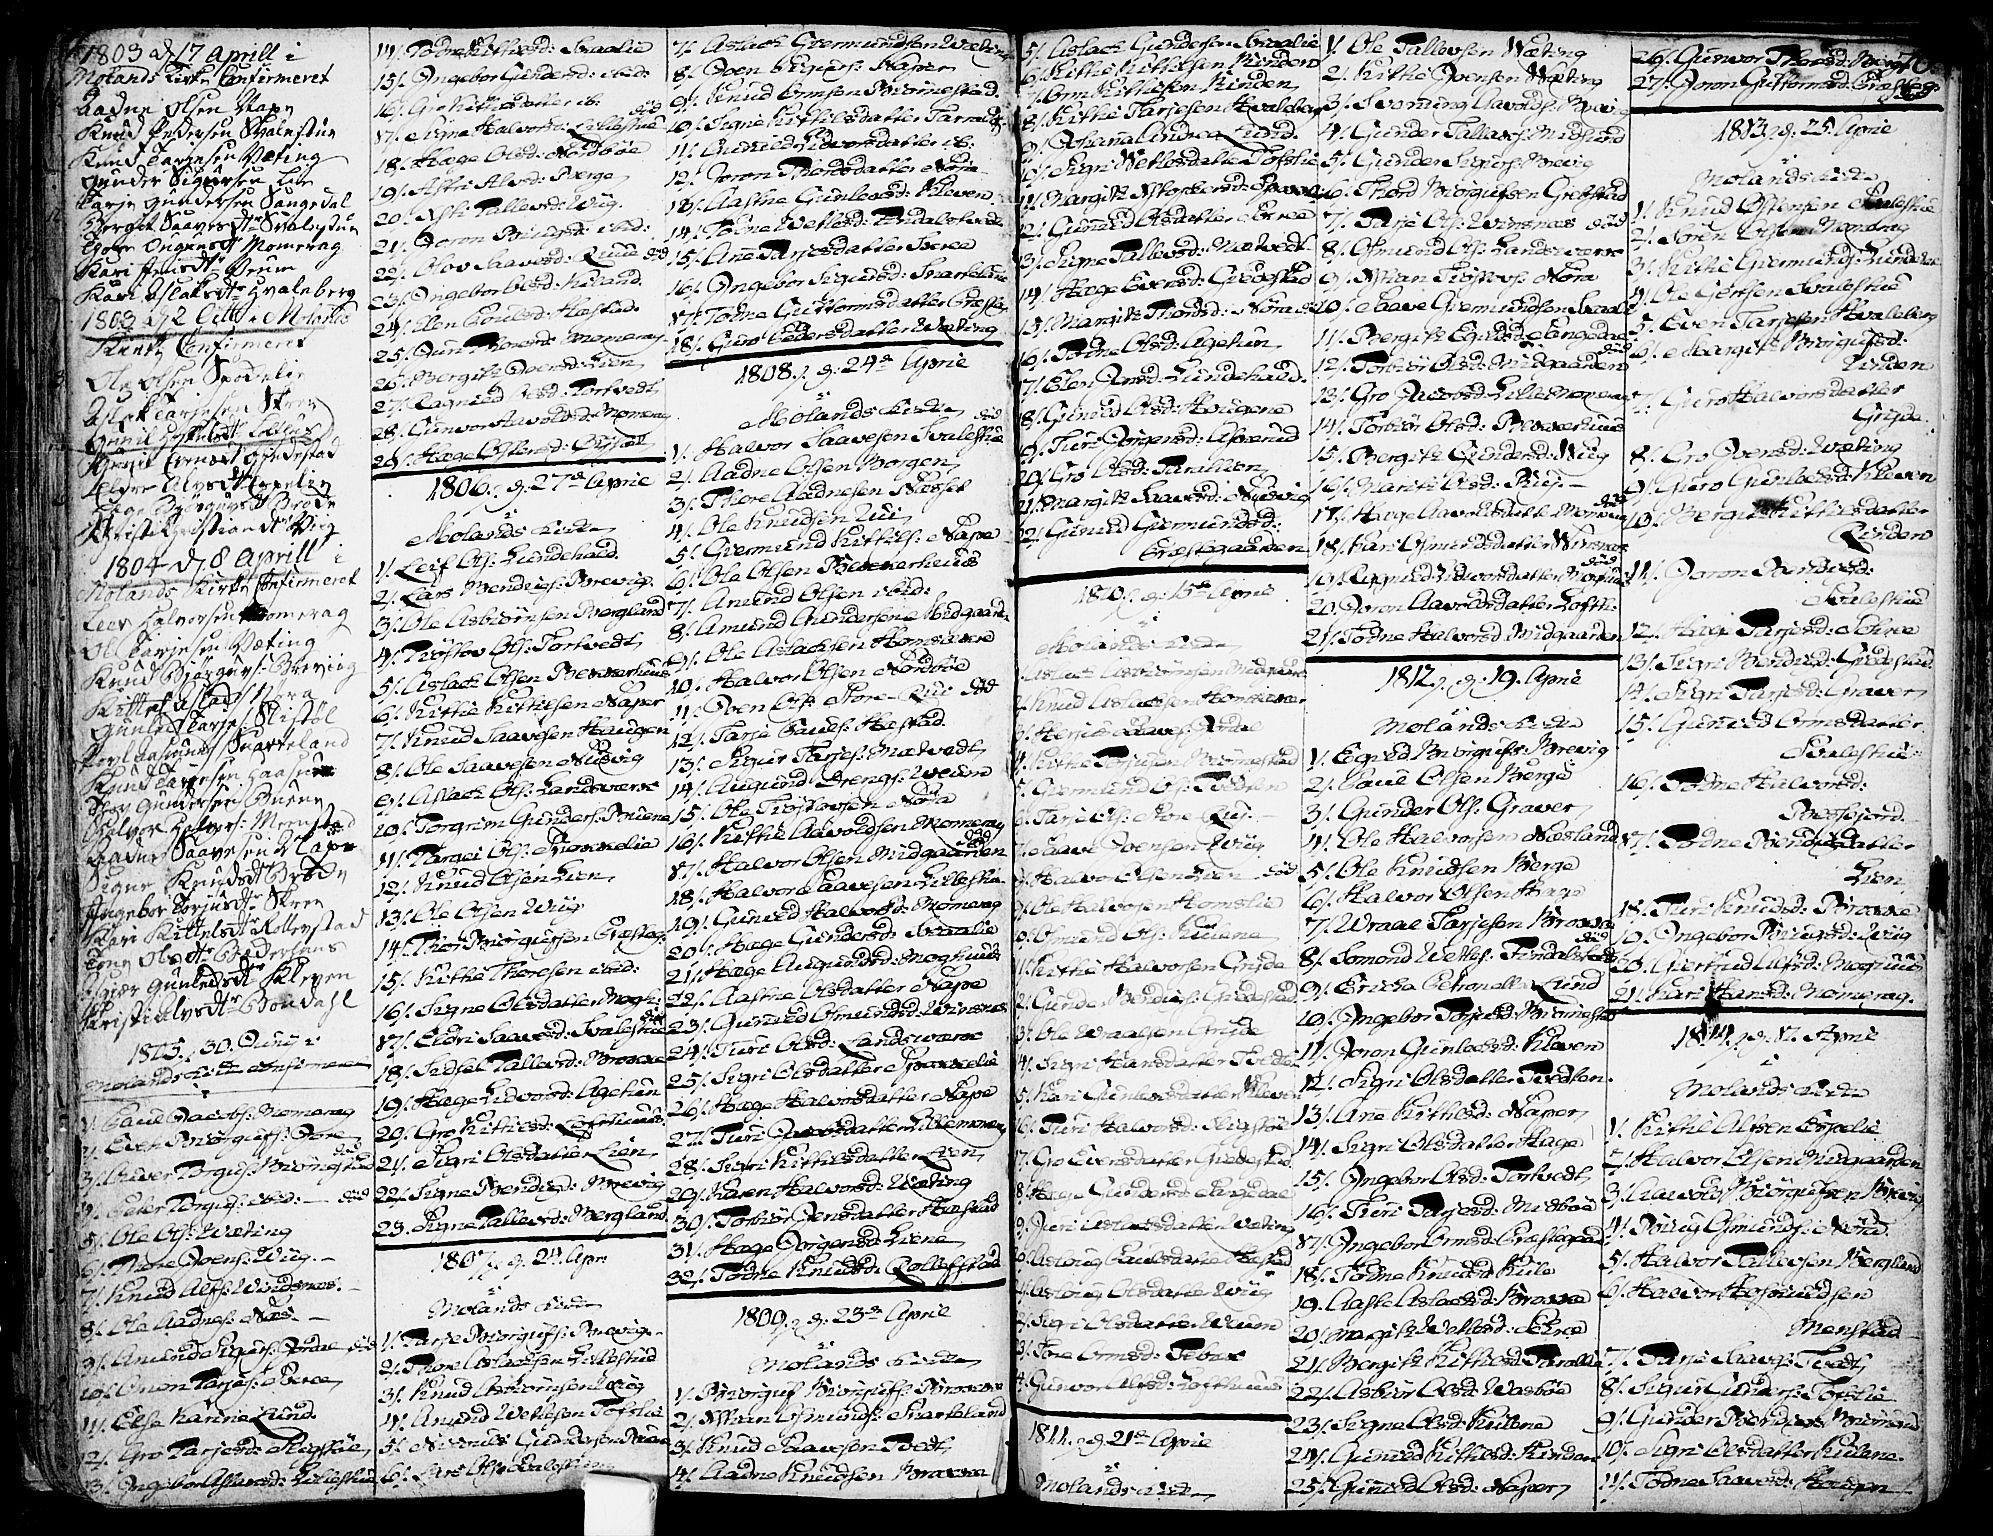 SAKO, Fyresdal kirkebøker, F/Fa/L0002: Ministerialbok nr. I 2, 1769-1814, s. 70